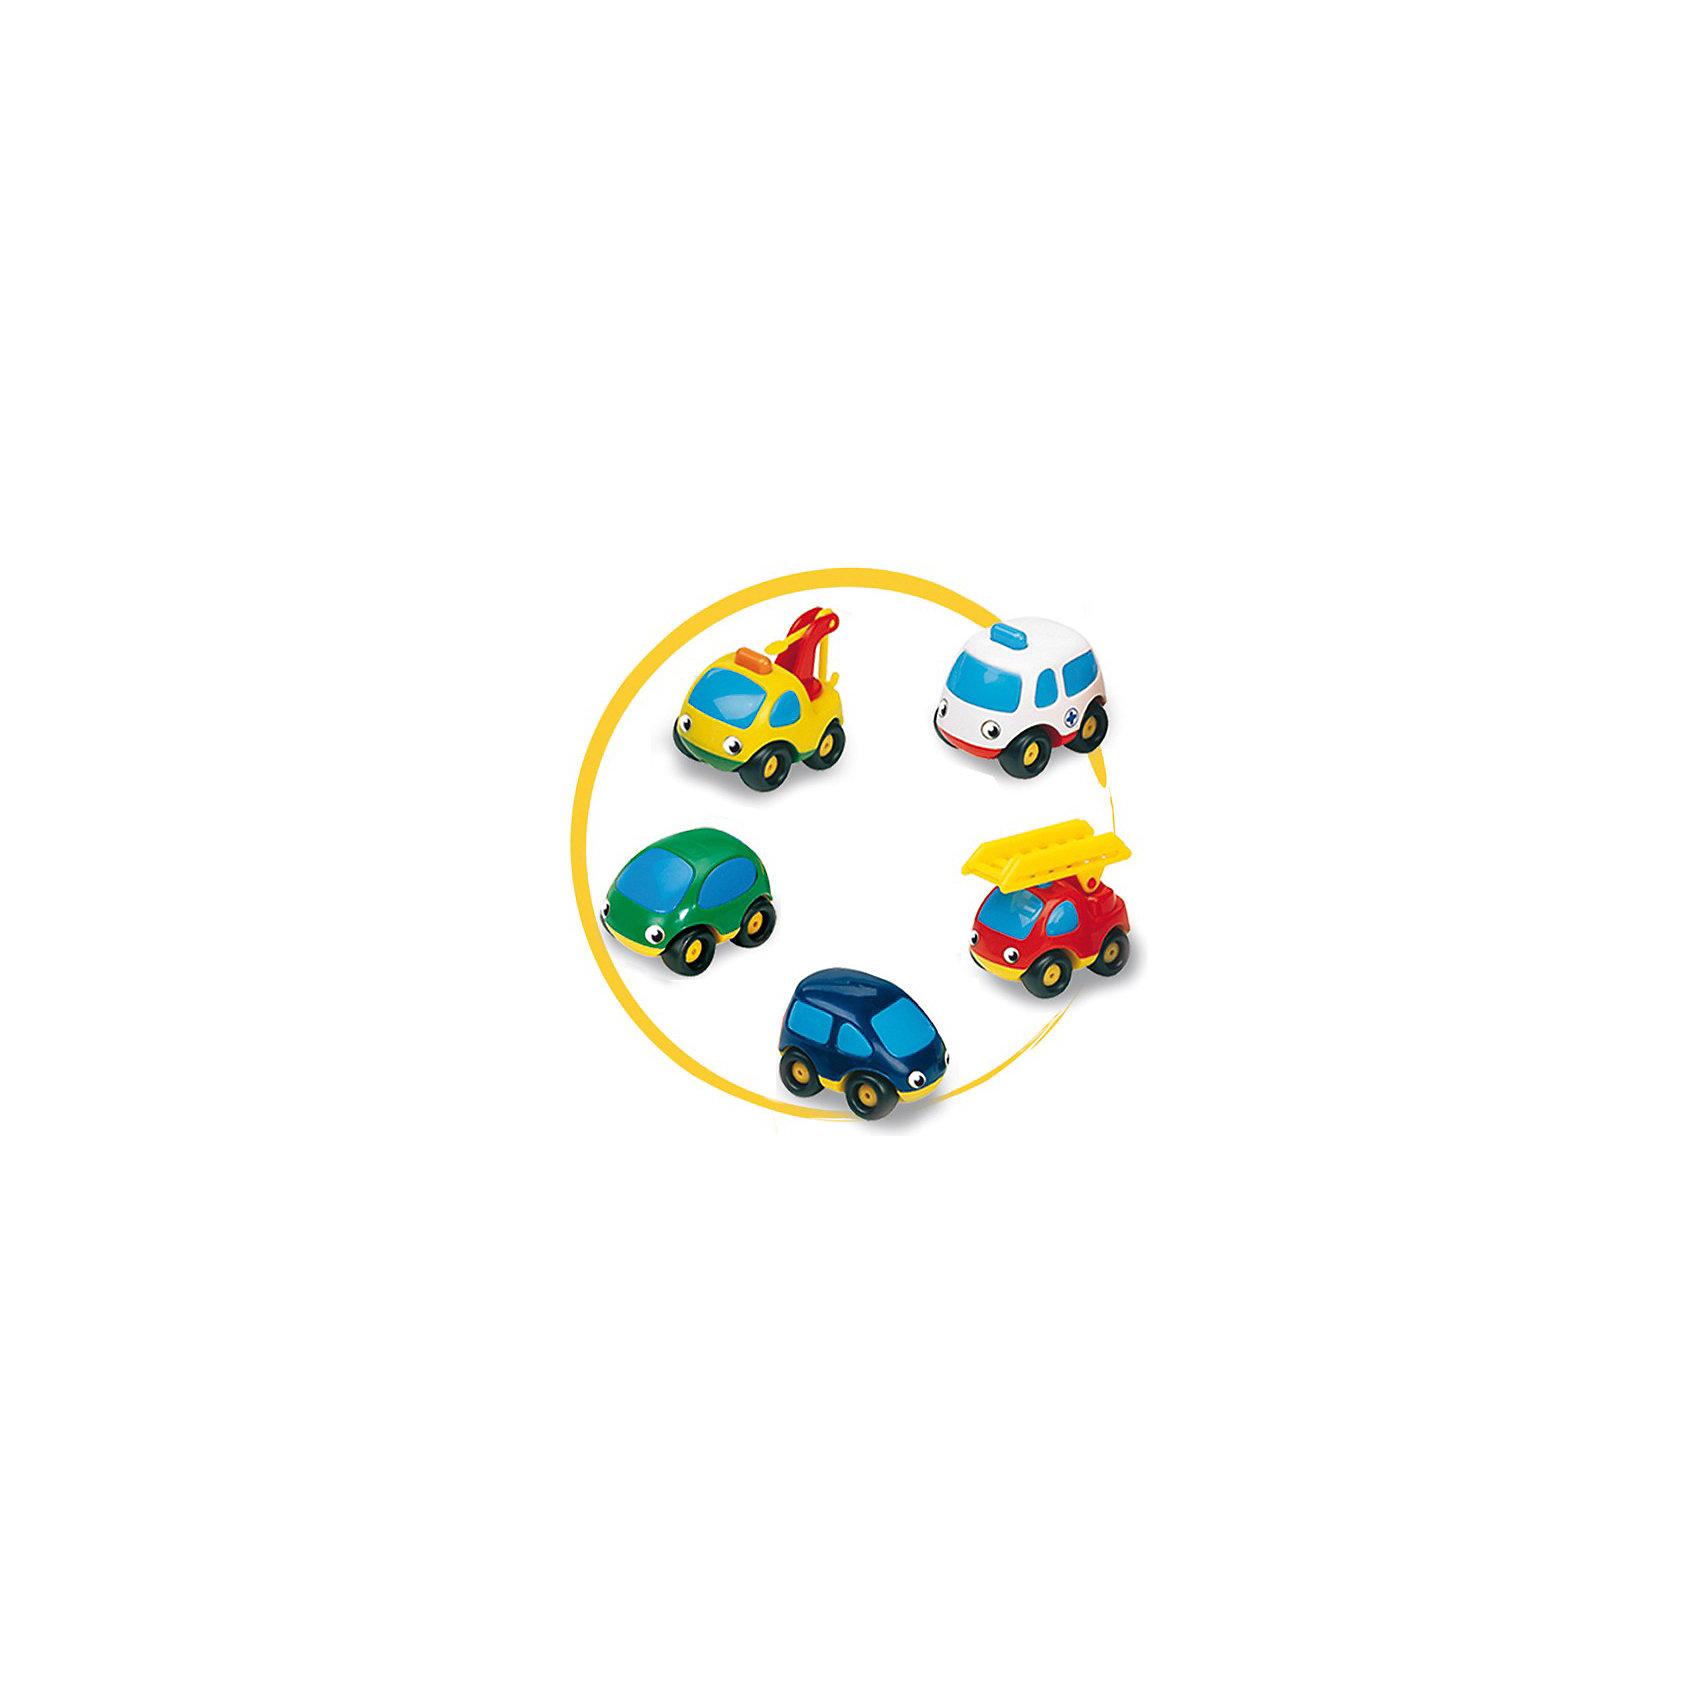 Набор из трех машинок Vroom Planet , SmobyИгровые наборы<br>Забавные машинки серии Vroom Planet органично впишутся в автопарк вашего малыша. Набор из 3-х машинок Vroom Planet представлен машинами скорой помощи, пожарной , полицейской или синим минивэн, зеленым легковым автомобилем и желтым подъемным краном. Они привлекают внимание своей яркой окраской, приятной округлой формой, приветливыми и веселыми глазками-фарами на лобовом стекле. В ассортименте 2 комплекта, отличающихся разновидностями машинок.<br> <br>Дополнительная информация:<br><br> - материал: пластик<br> - размер упаковки: <br> - длина 28,5 см.<br> - ширина 9,5 см.<br> - высота 9,5 см.<br> - вес упаковки: 0,28 кг.<br><br>ВНИМАНИЕ! Данный артикул имеется в наличии в разных вариантах исполнения. Заранее выбрать определенный вариант нельзя. При заказе нескольких наборов возможно получение одинаковых.<br><br>Набор из 3-х машинок Smoby можно купить в нашем интернет-магазине.<br><br>Ширина мм: 290<br>Глубина мм: 100<br>Высота мм: 100<br>Вес г: 262<br>Возраст от месяцев: 18<br>Возраст до месяцев: 48<br>Пол: Мужской<br>Возраст: Детский<br>SKU: 2149547